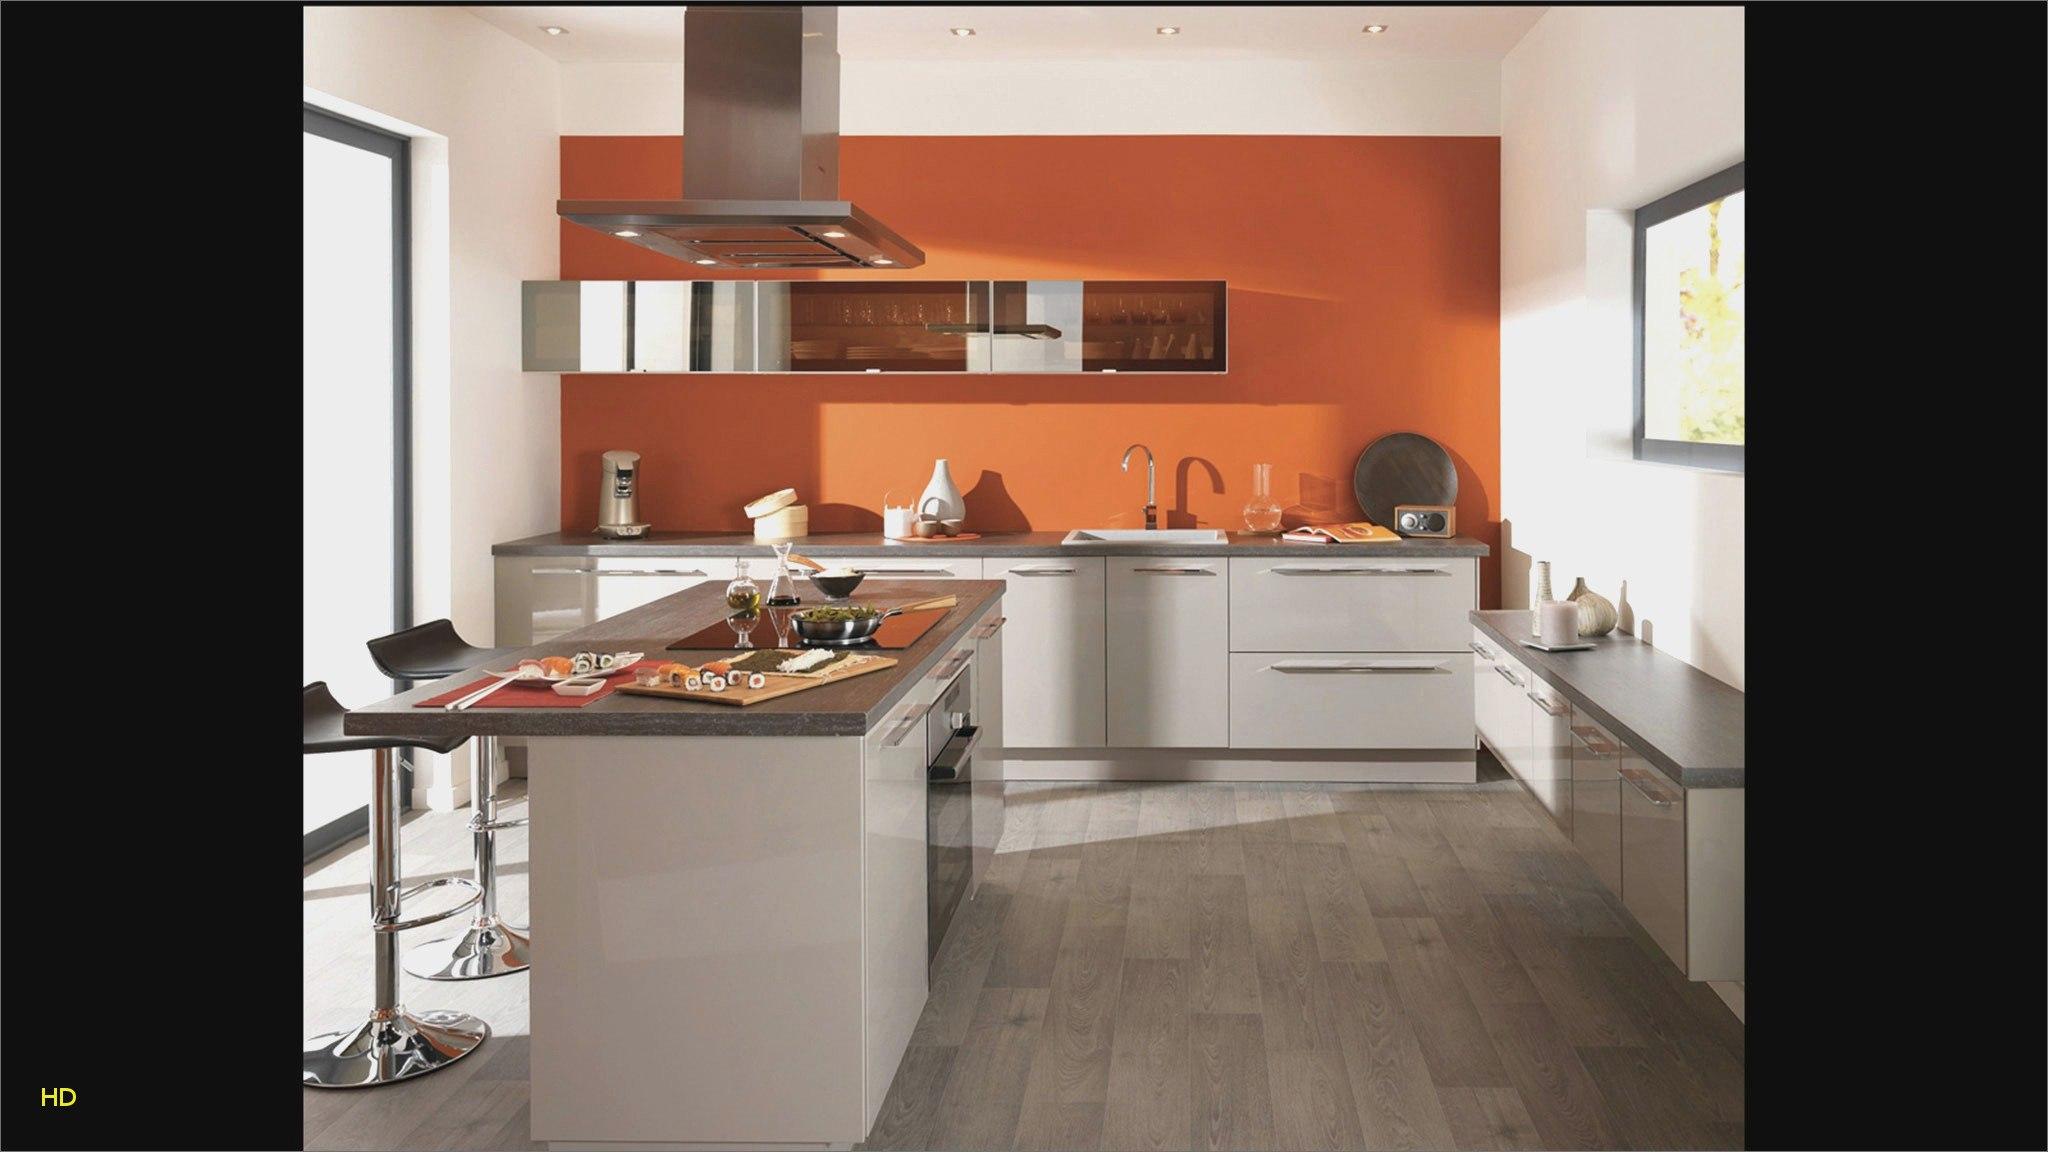 Plan cuisine 3d conforama lille maison - Cuisine conforama 3d ...